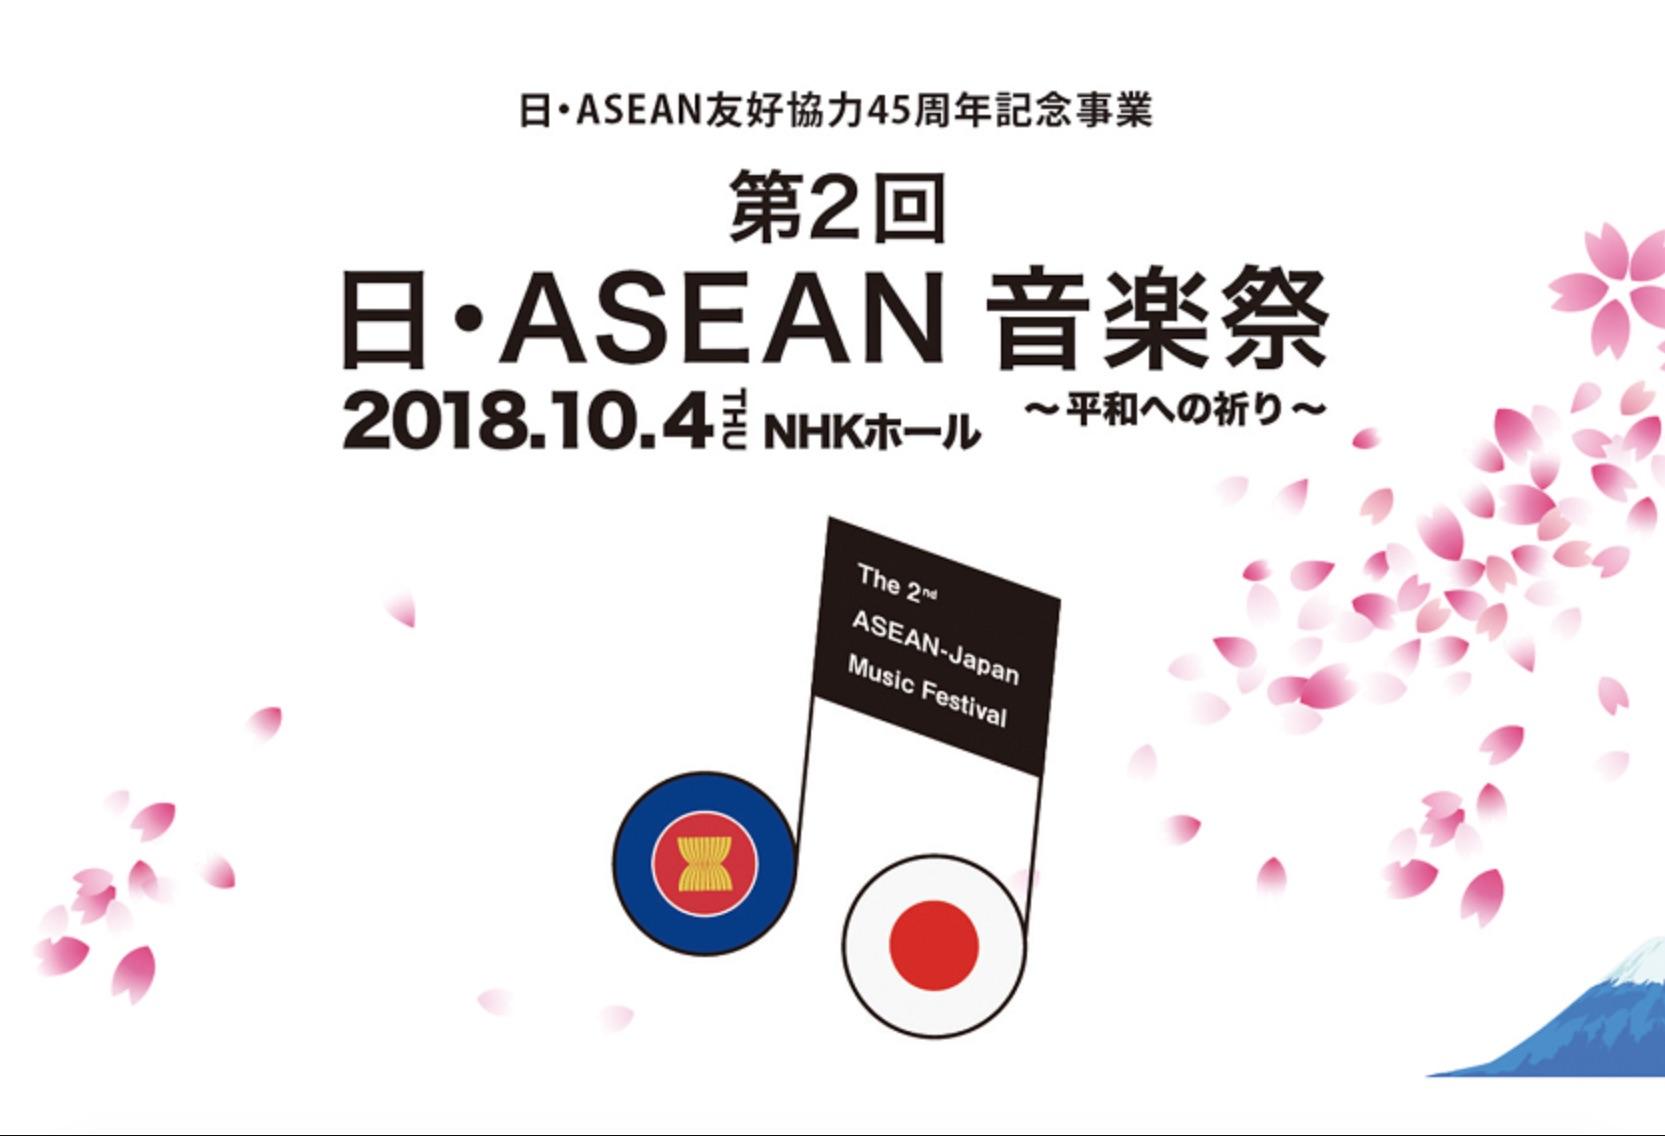 サラ・ヘロニモが出場した第二回 日・ASEAN音楽祭 NHKで放映!